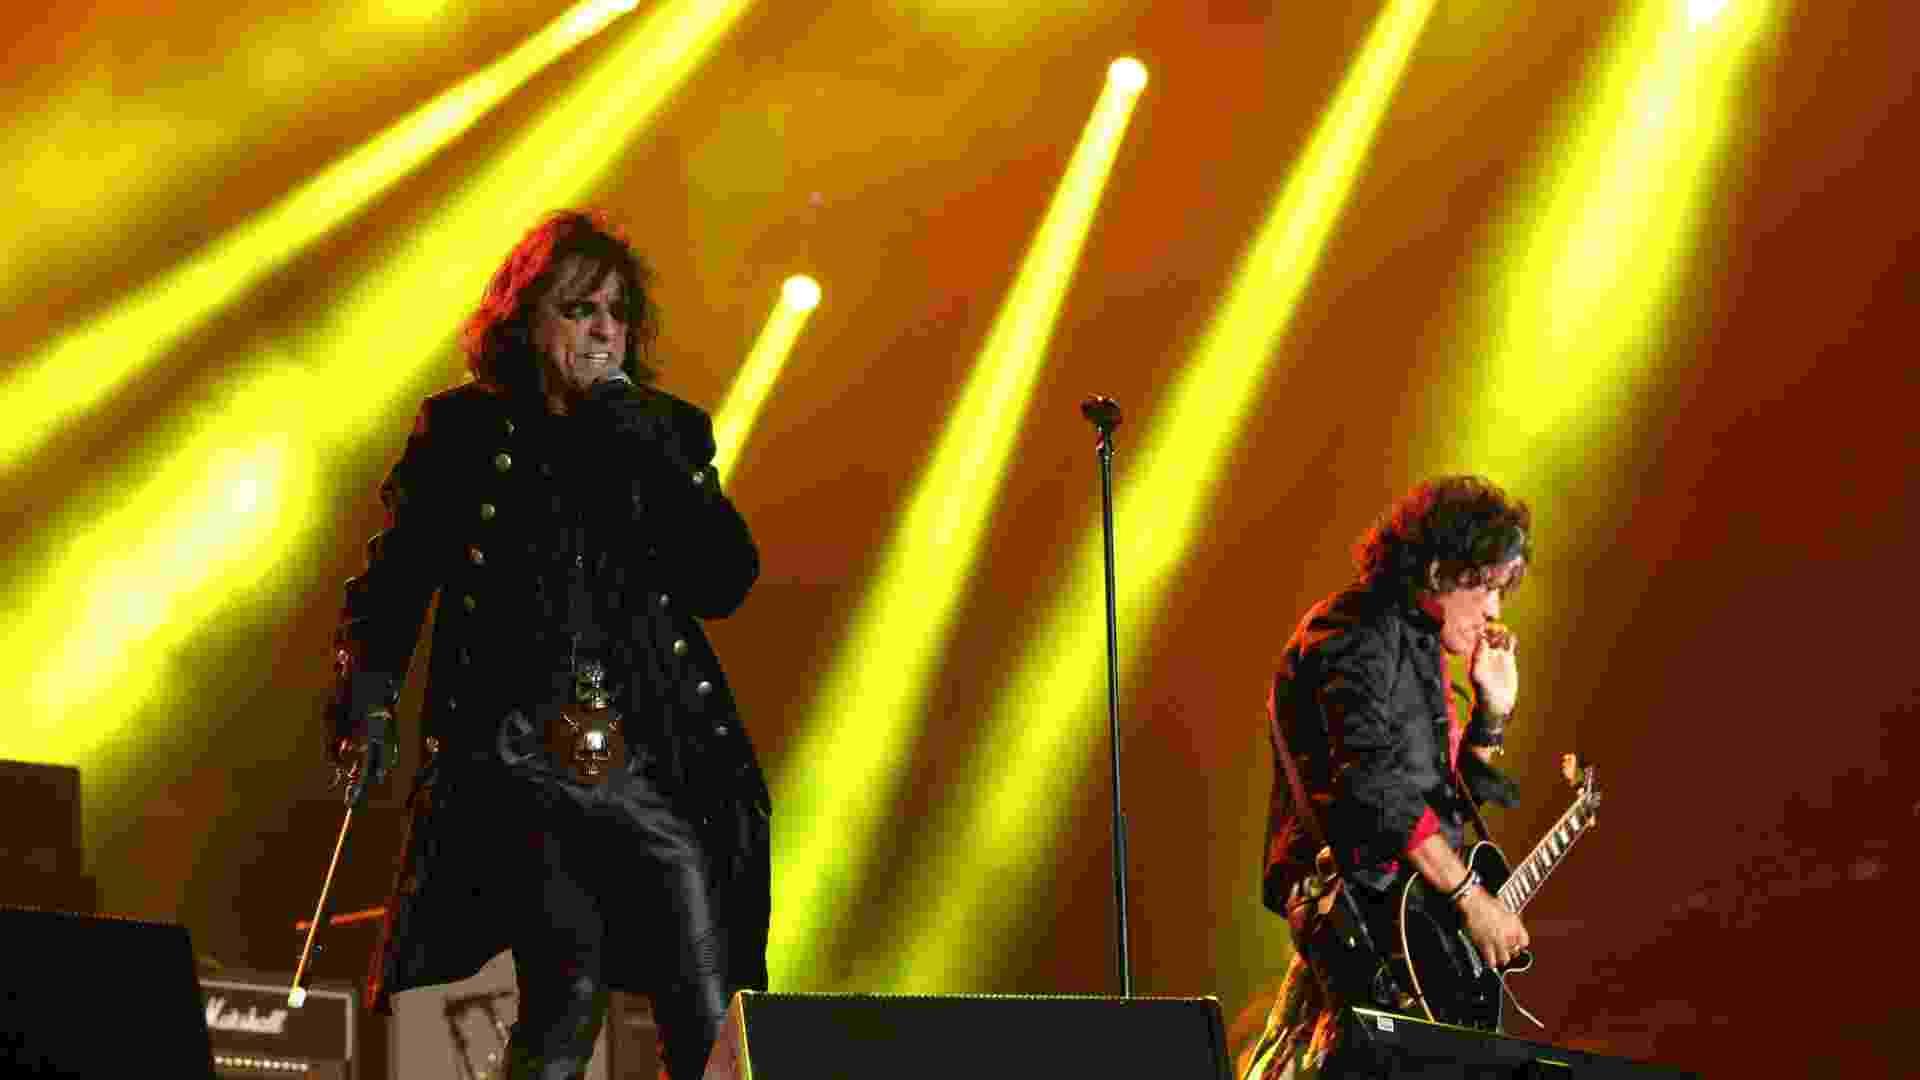 24.set.2015 - Johnny Depp, Alice Cooper e Joe Perry se apresentam no grupo Hollywood Vampire no palco Mundo no Rock in Rio 2015 - Marco Teixeira/UOL